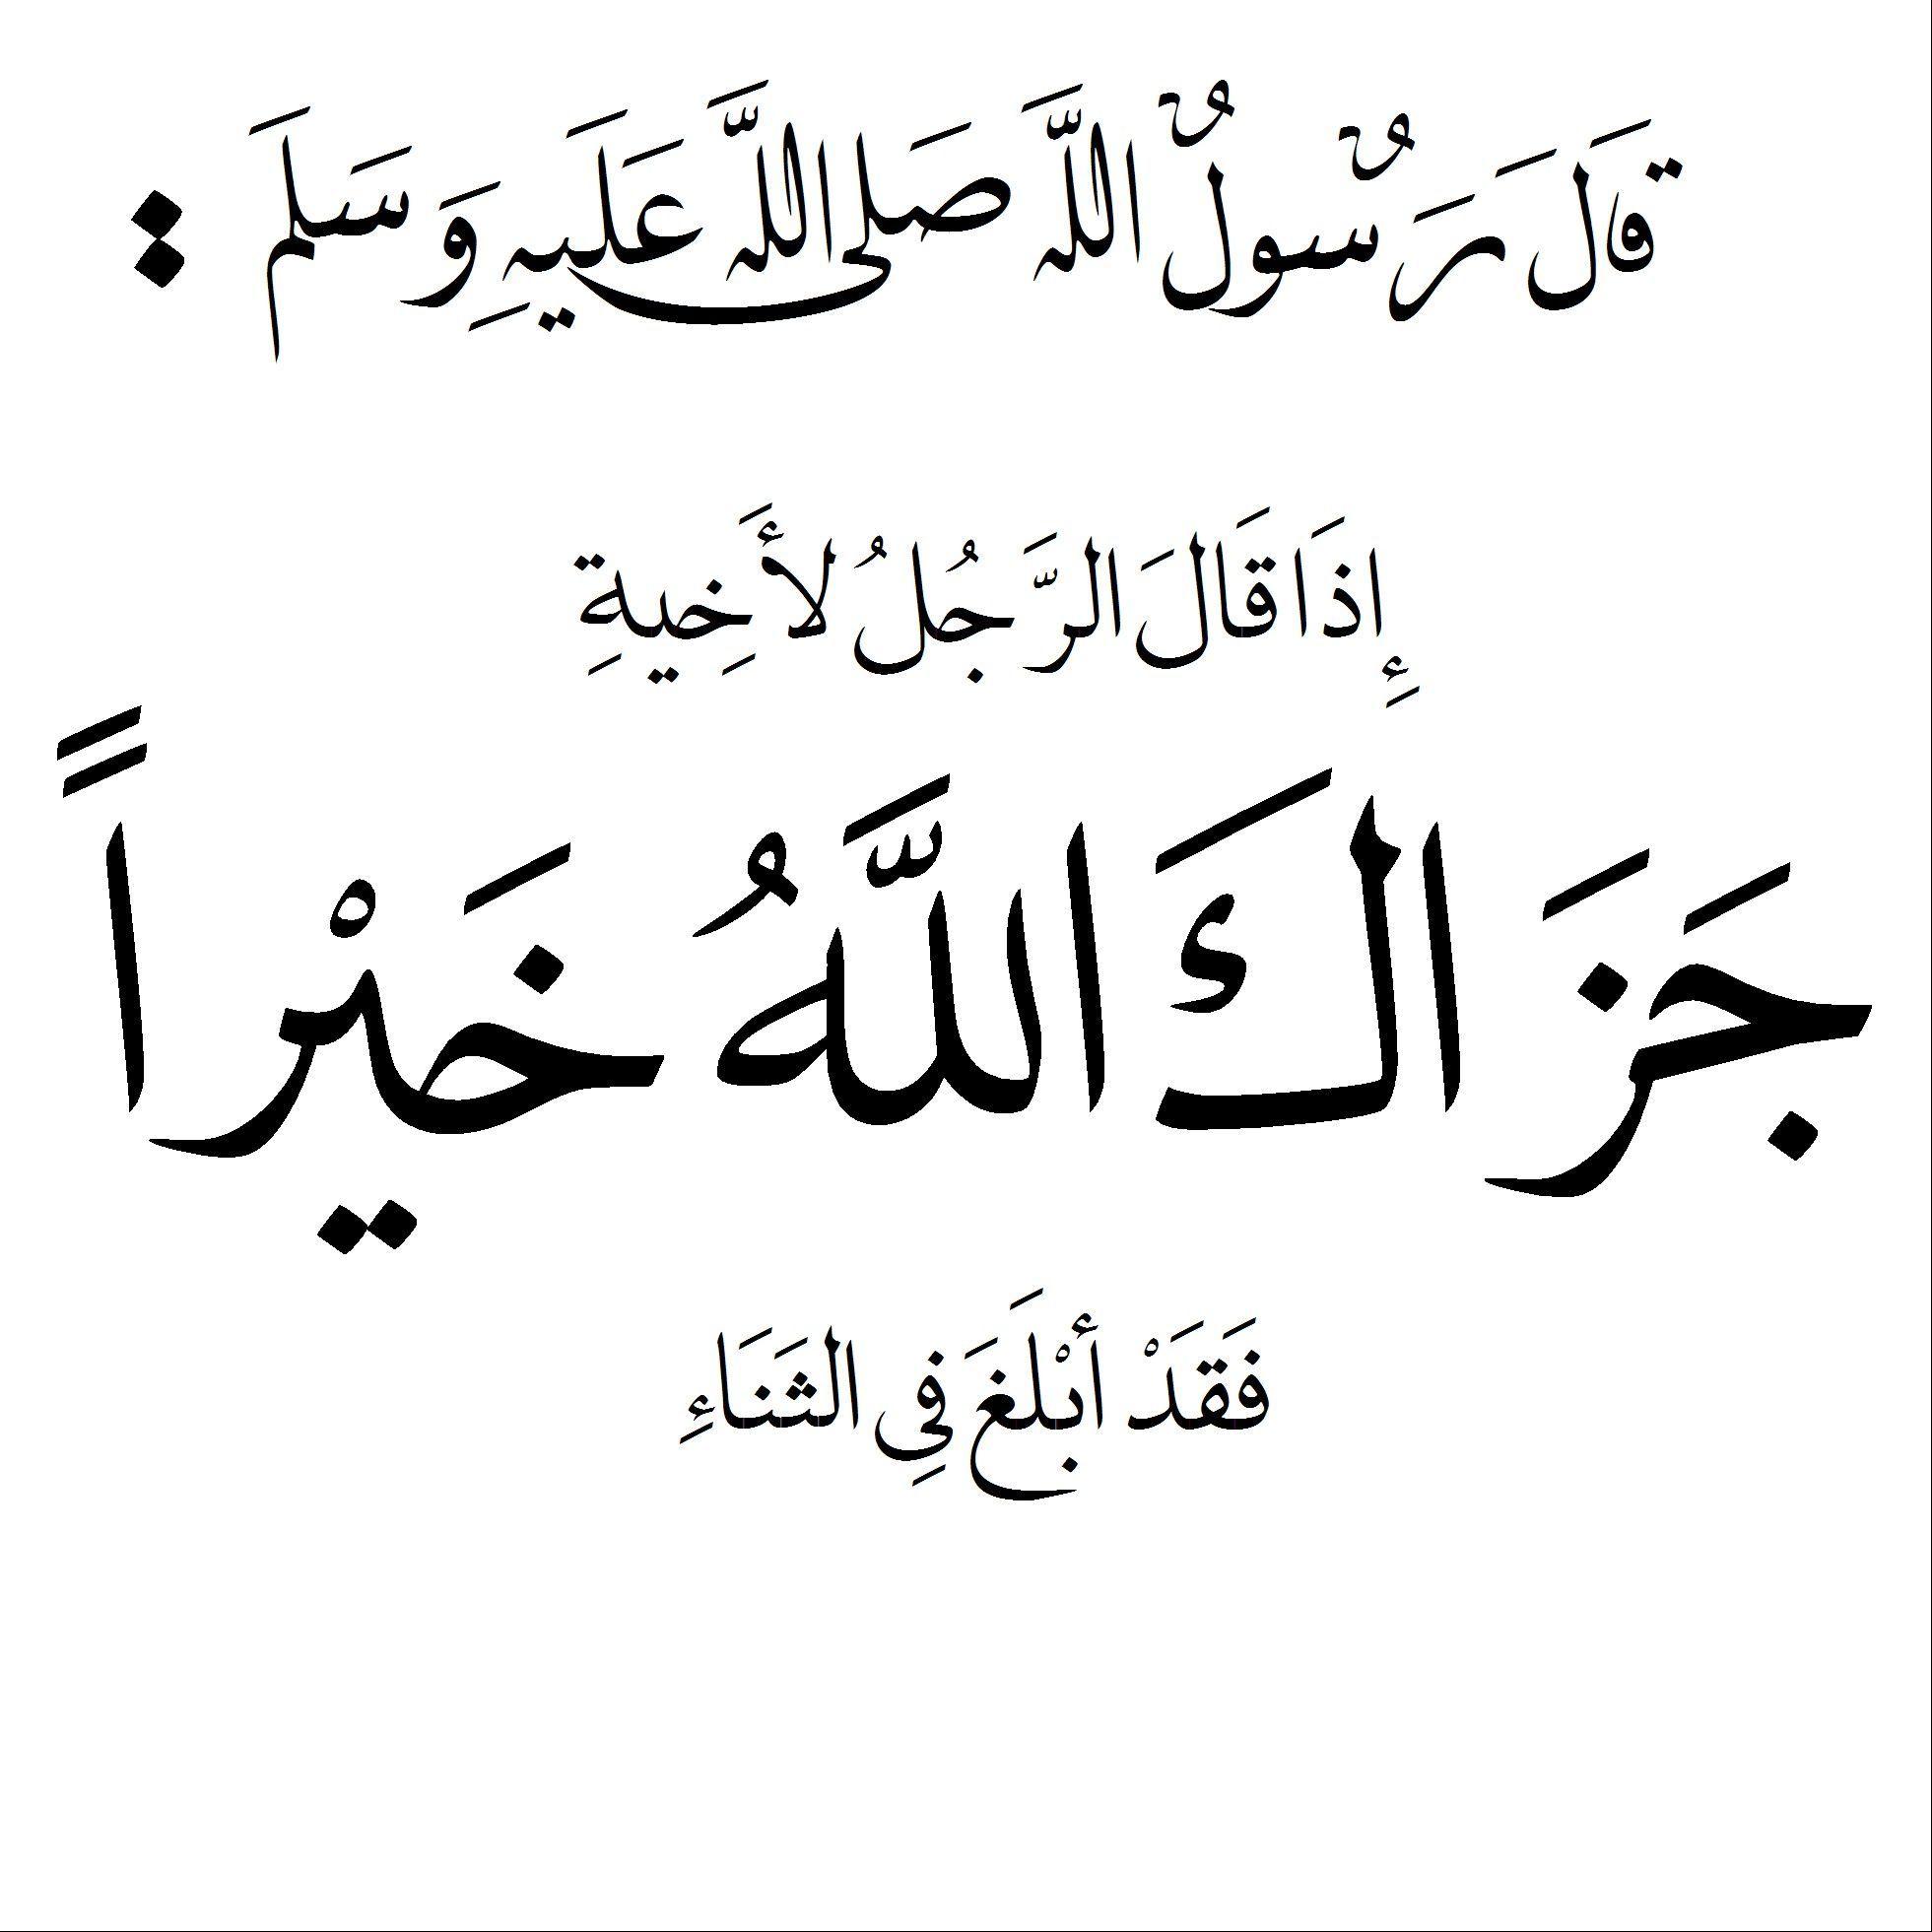 هل تعلمون ما معنى جزاك الله خيرا معاني جميله لكلمه جزاك الله خيرا أغلب الناس حين تقدم لهم مع Quran Quotes Blessed Quotes Thankful Islamic Quotes